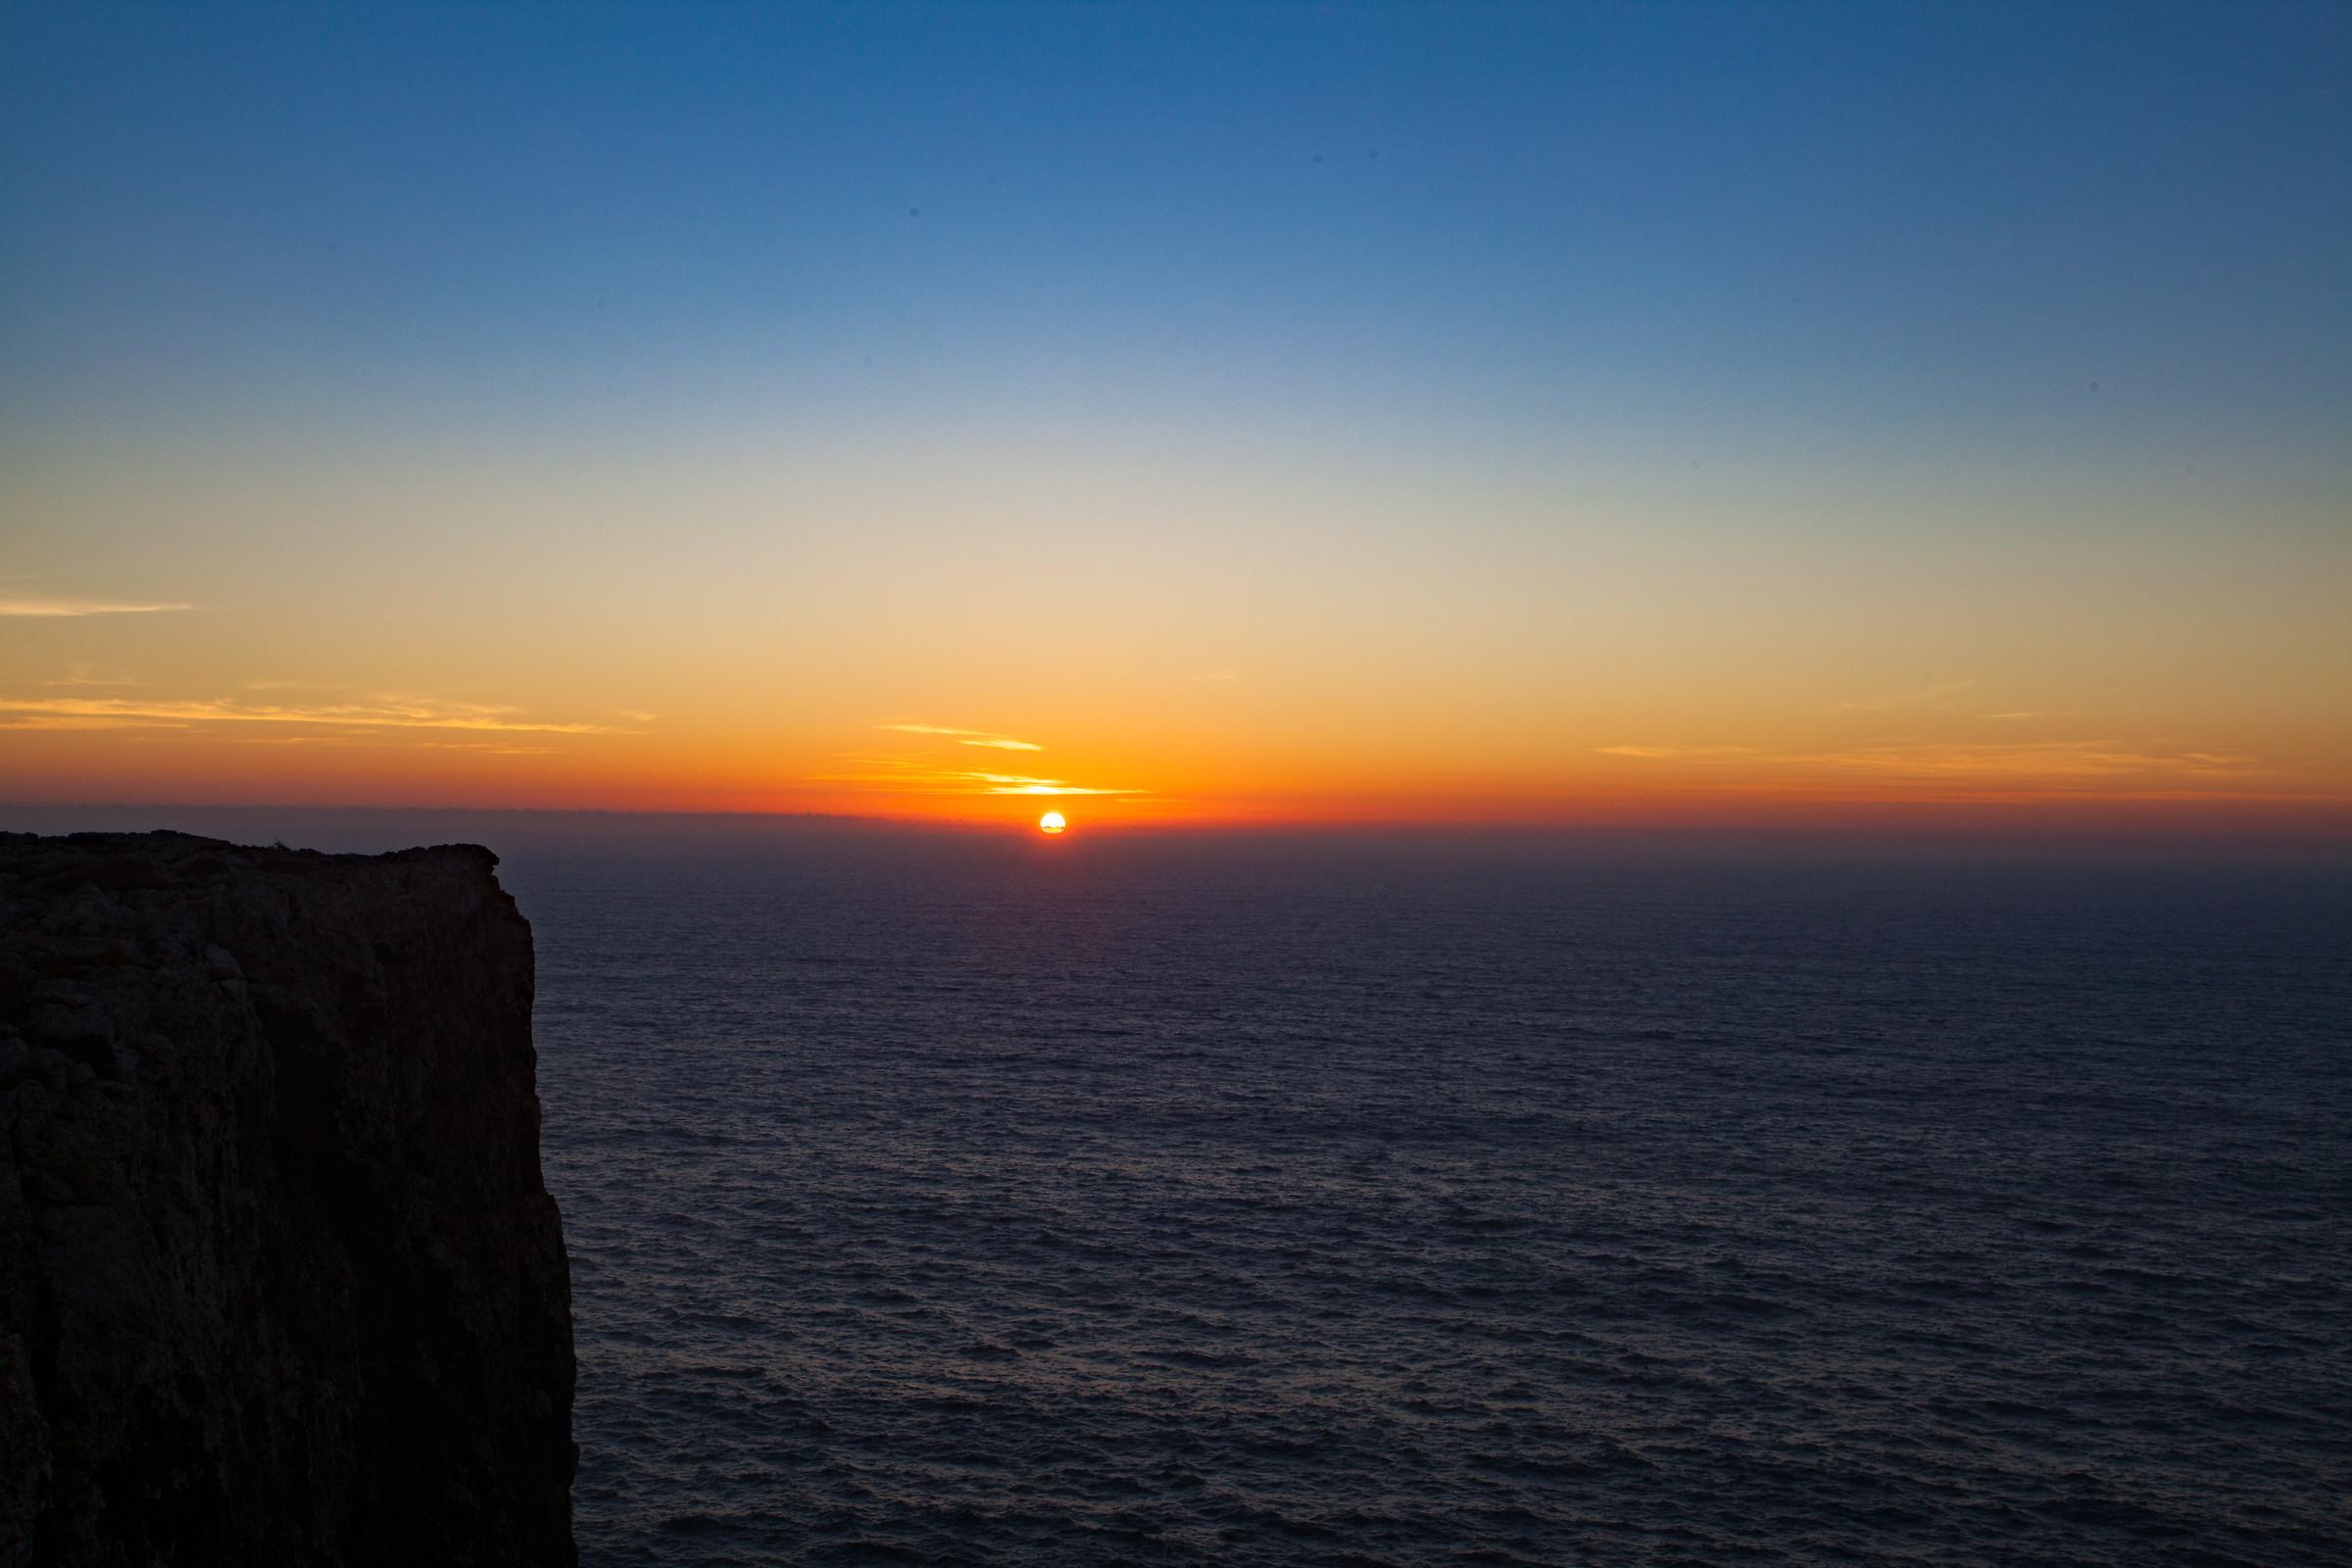 Secondo tramonto a Sagres...